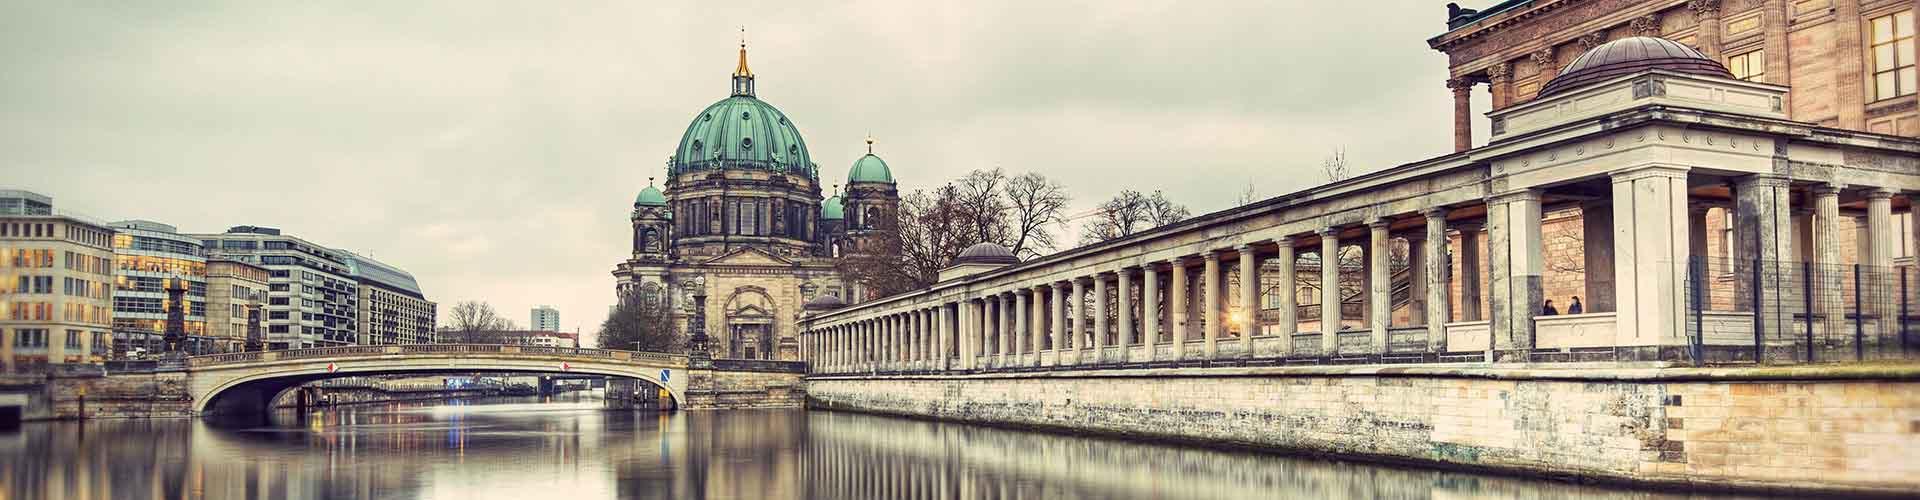 베를린 - 베를린 돔에 가까운 호텔. 베를린의 지도, 베를린에 위치한 호텔에 대한 사진 및 리뷰.